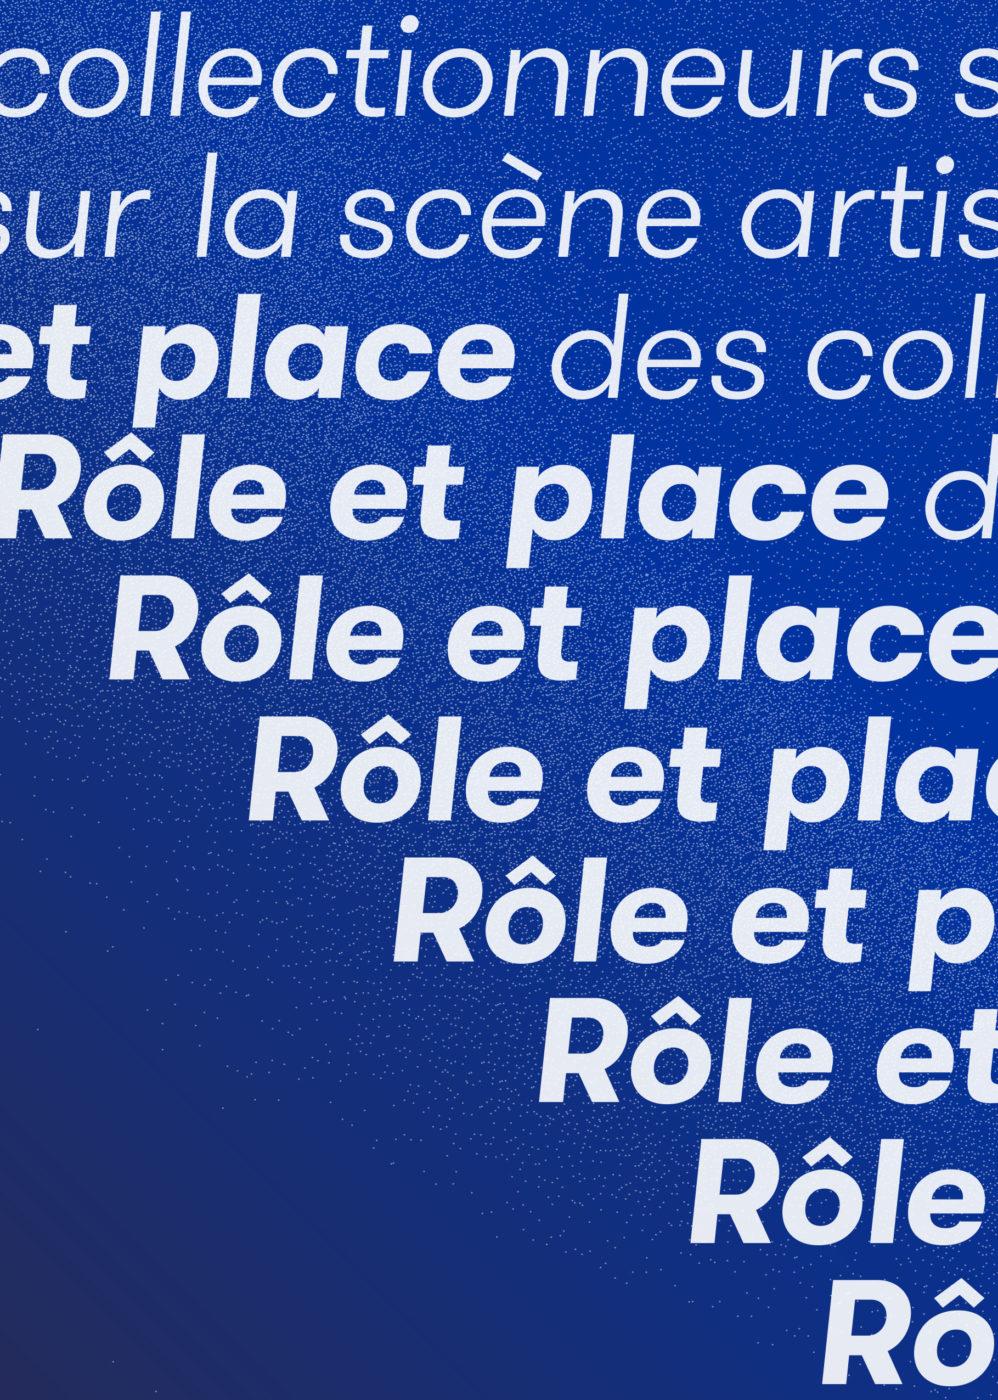 Rôle et place des collectionneurs sur la scène artistique — Pôle Arts Visuels Pays de la Loire